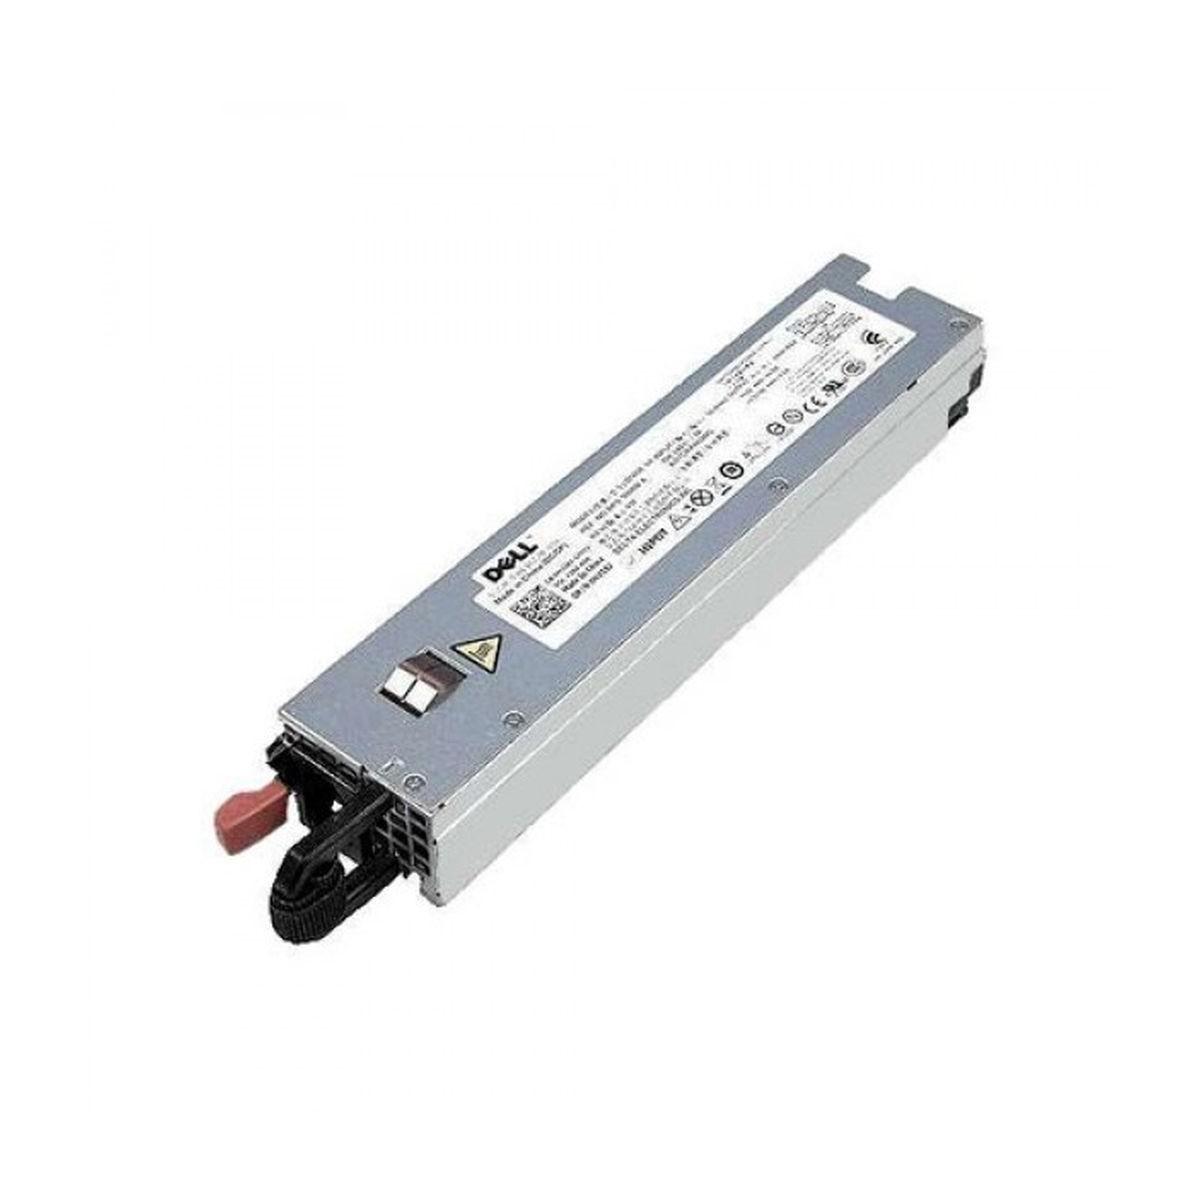 FUJITSU PRIMERGY TX200 S6 2,13QC 8GB 300GB RAID